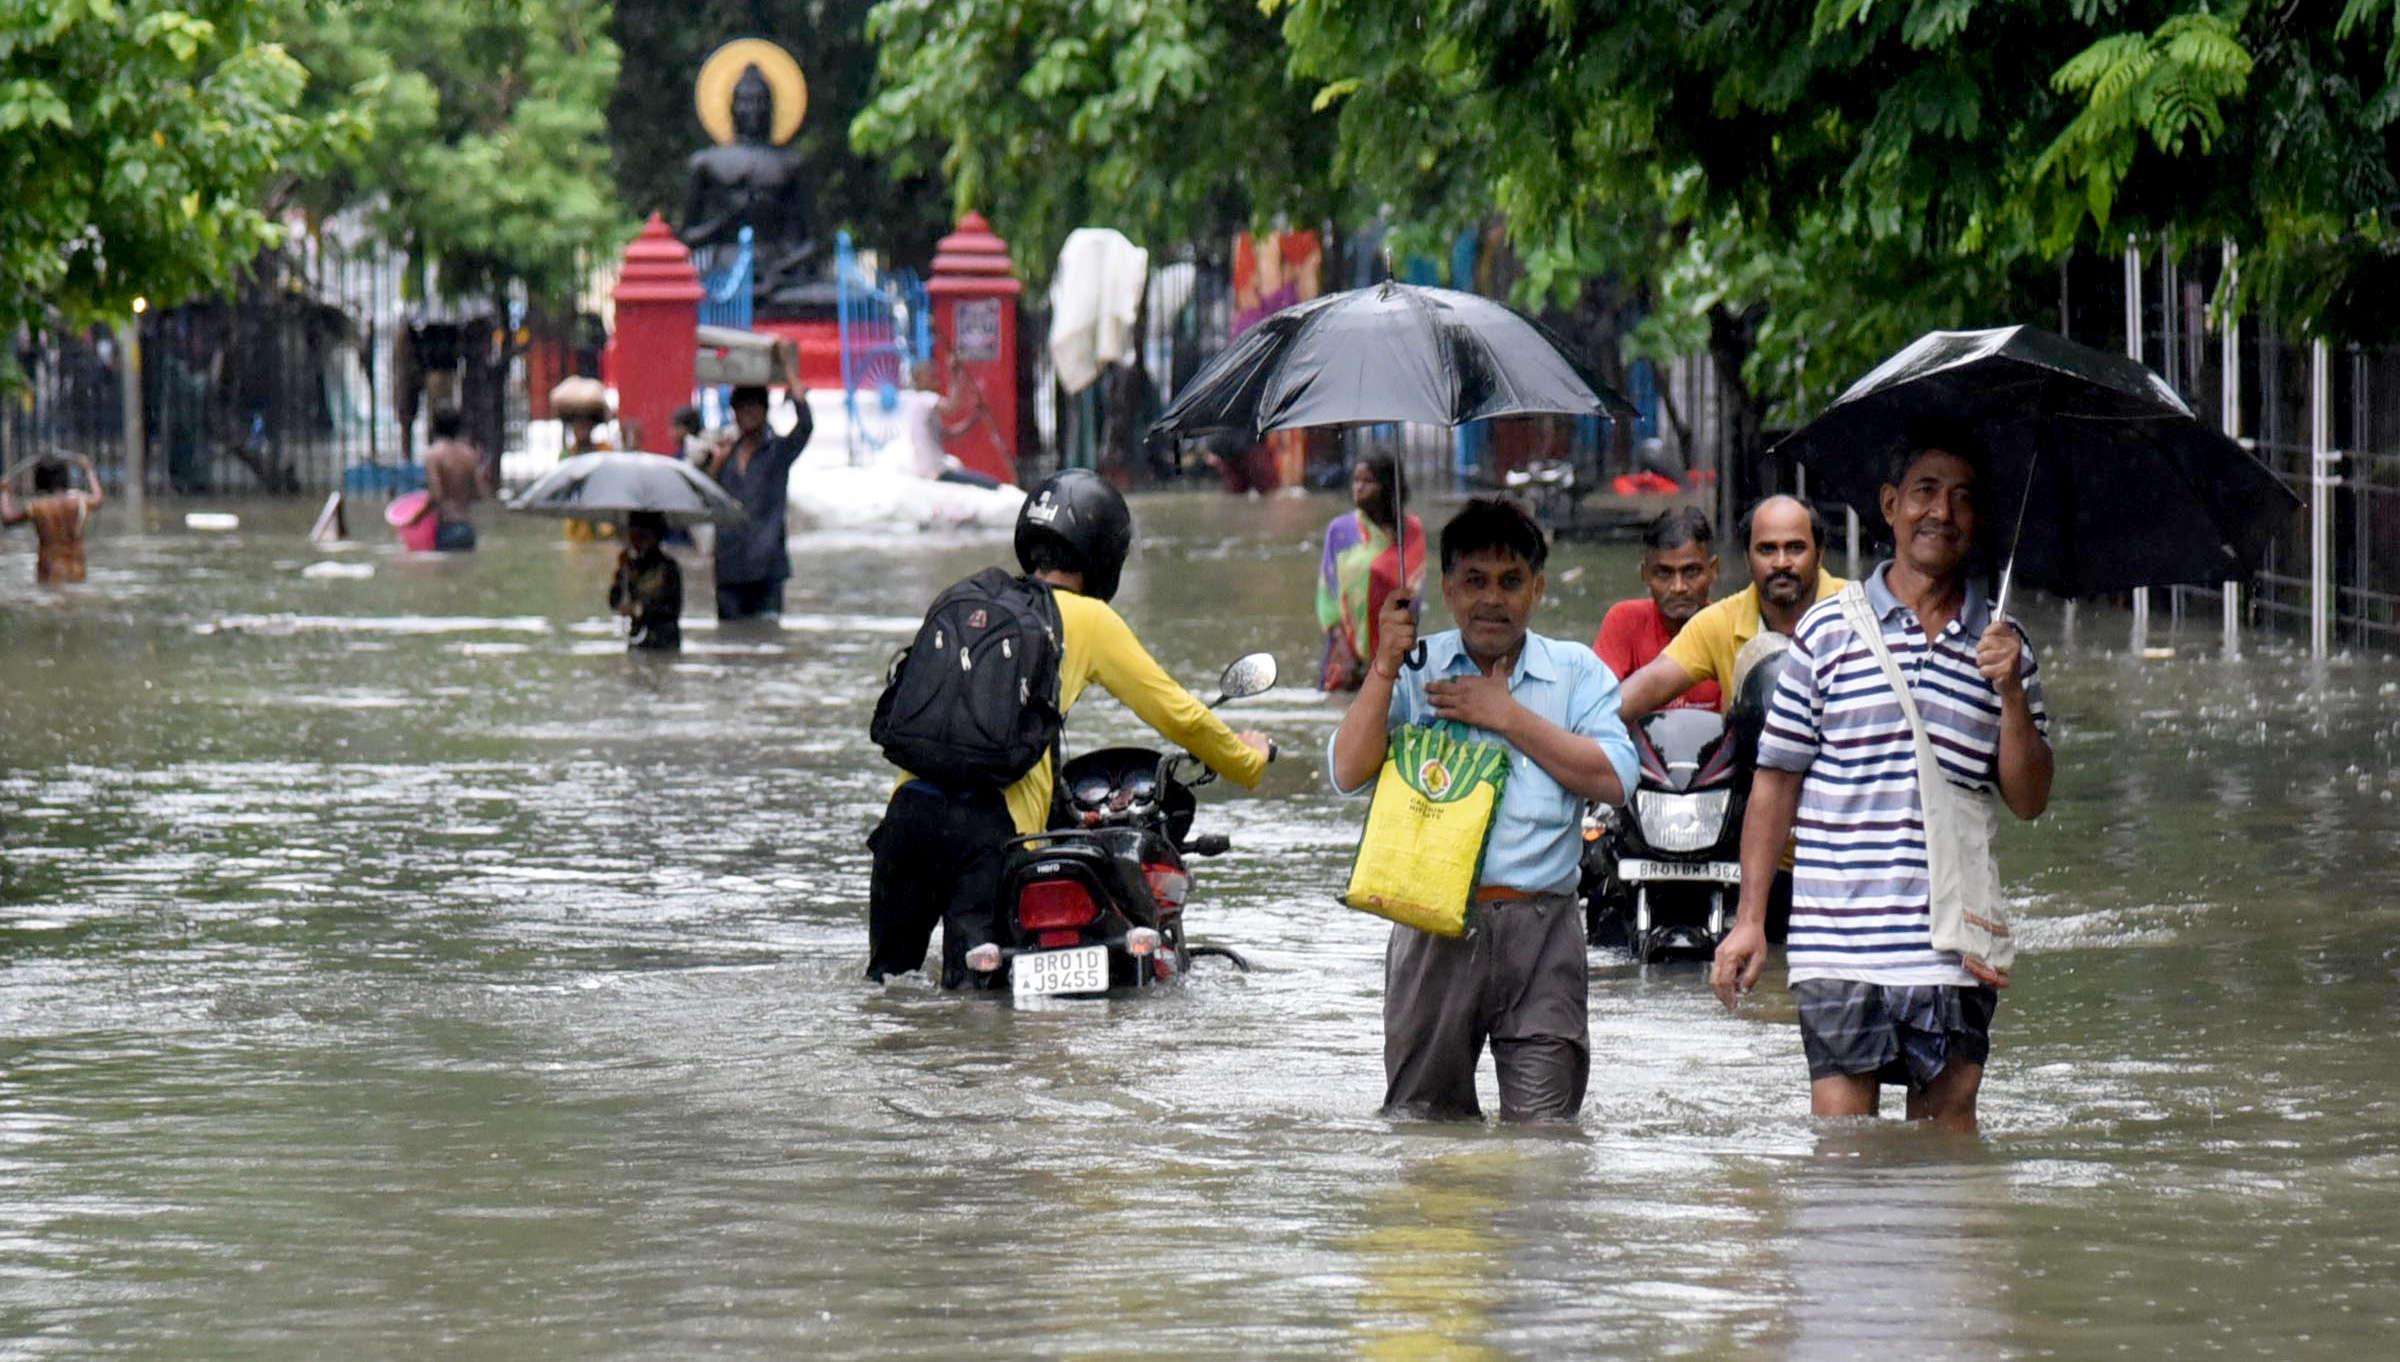 Patna floods: Bihar on red alert after heavy rains | Patna